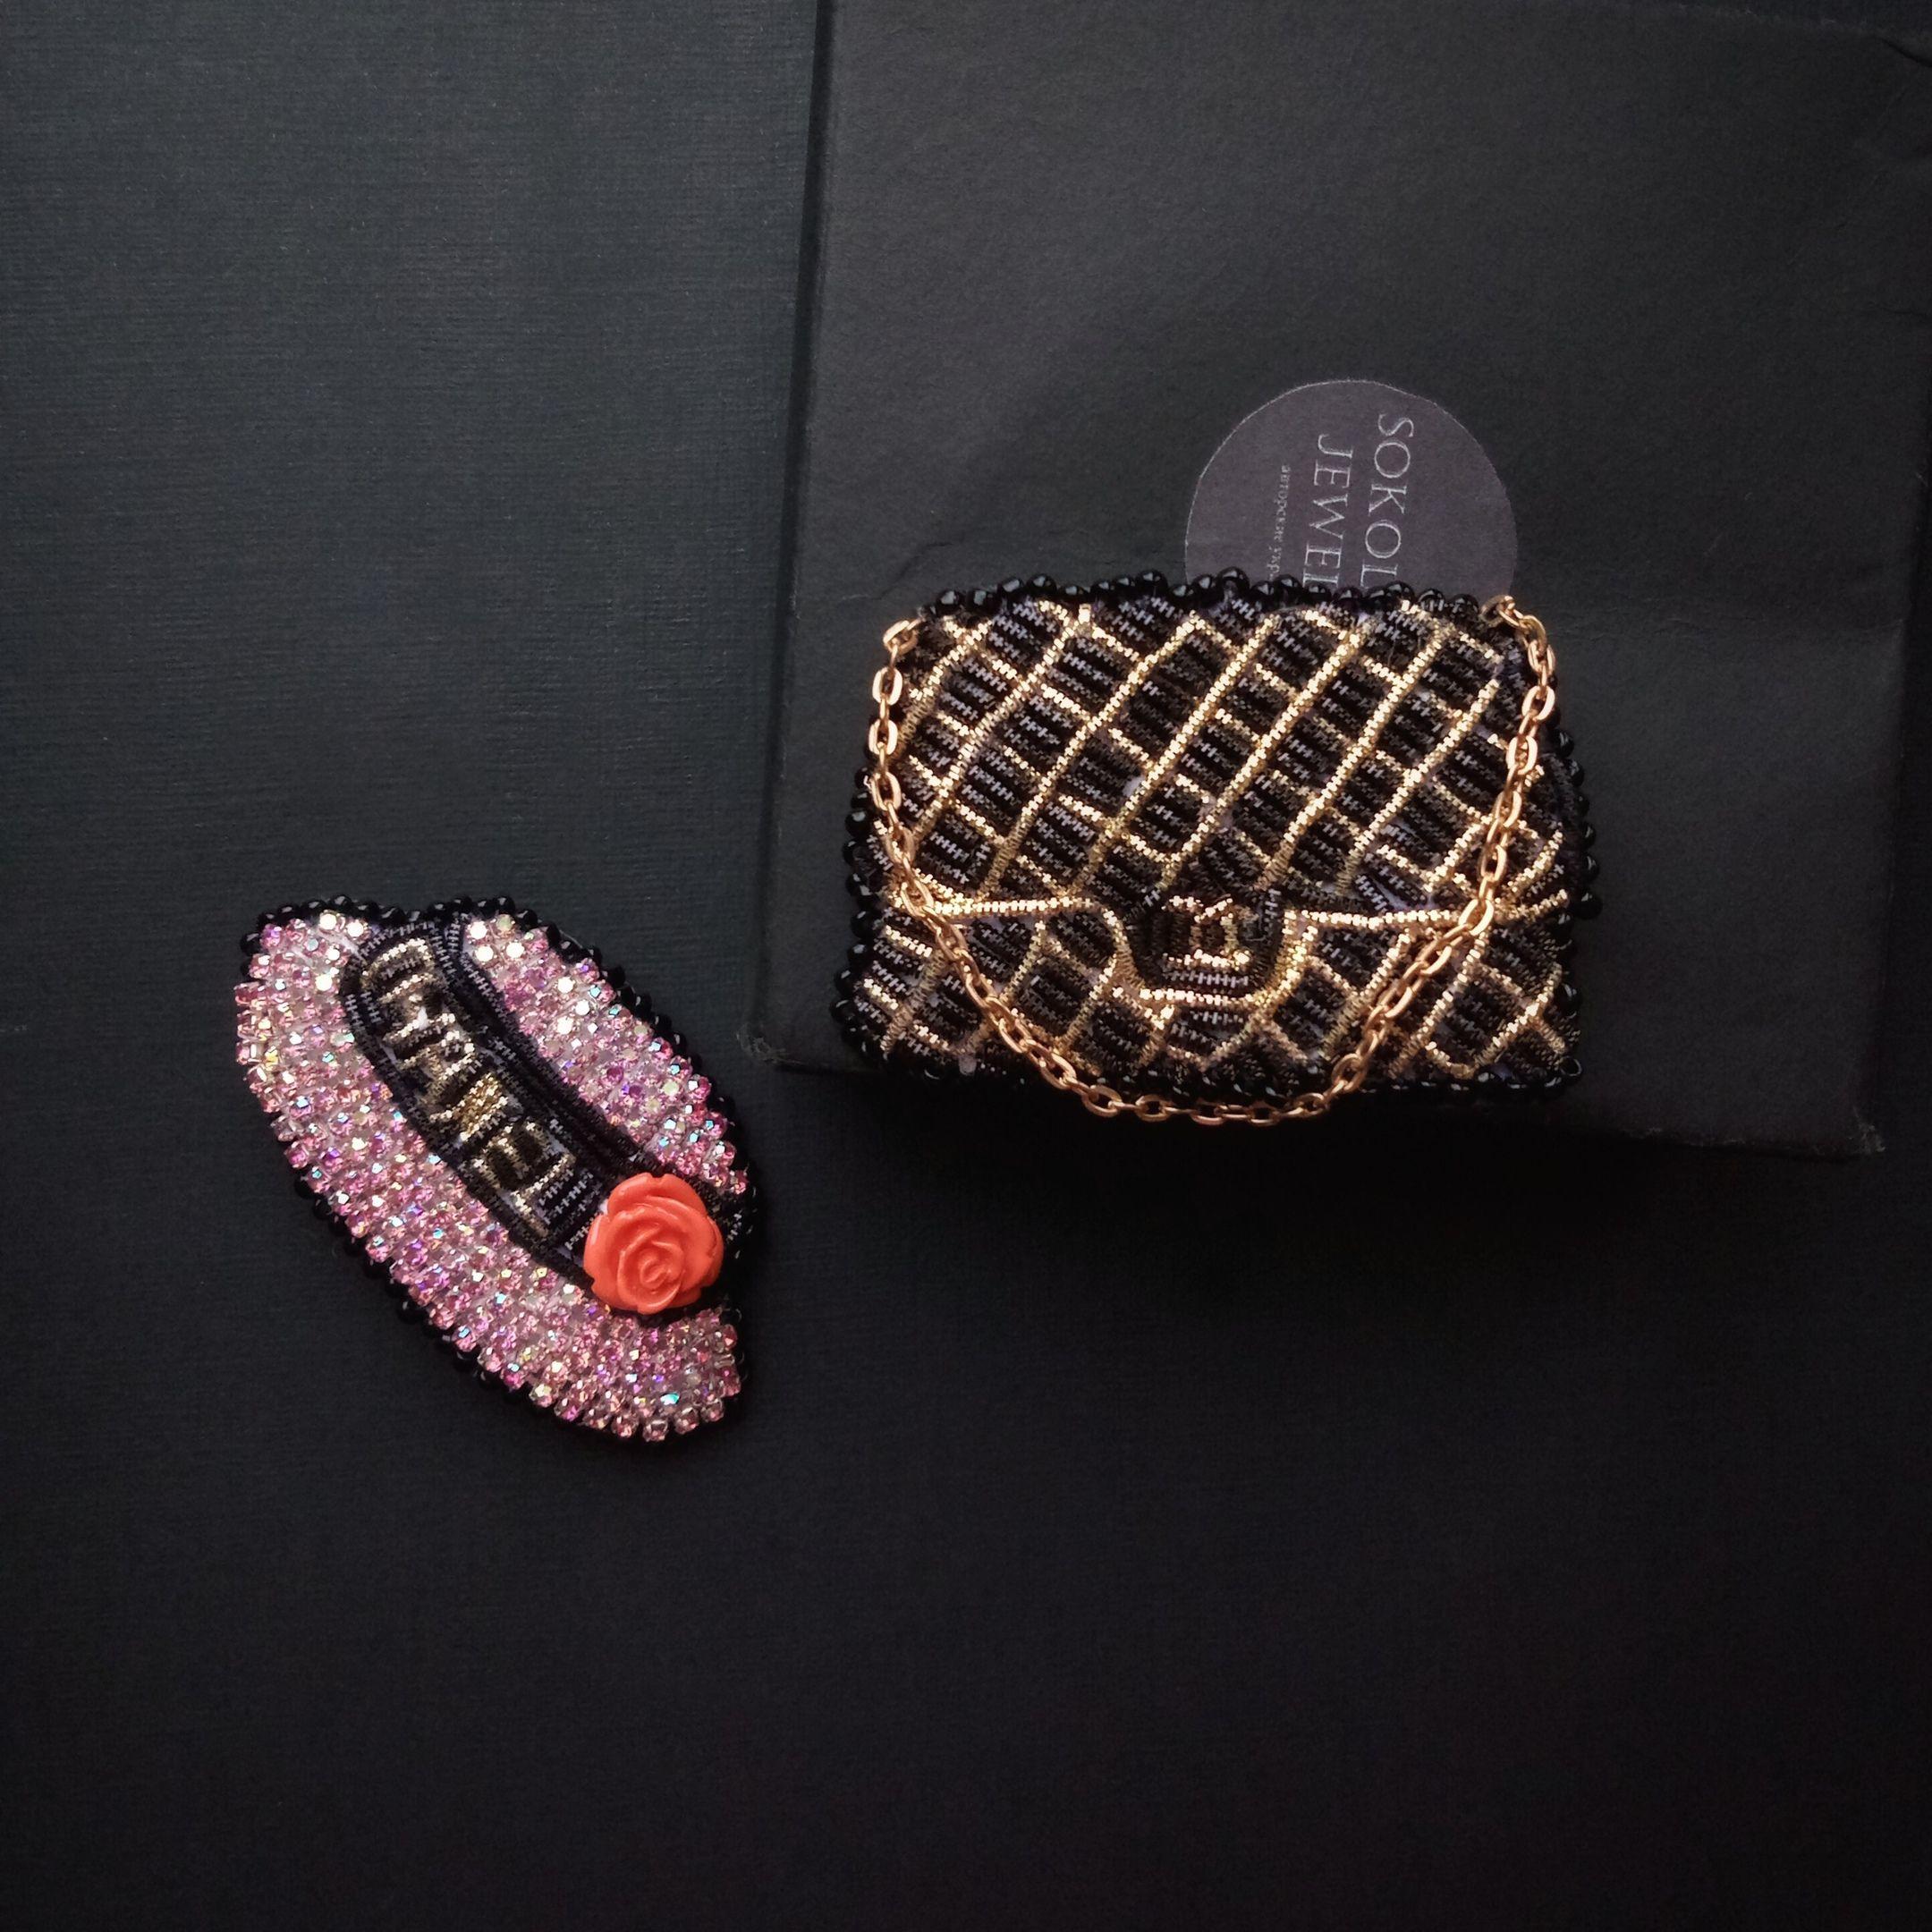 женщины подарок брошь украшение для шанель brooch jewelry chanel девушки